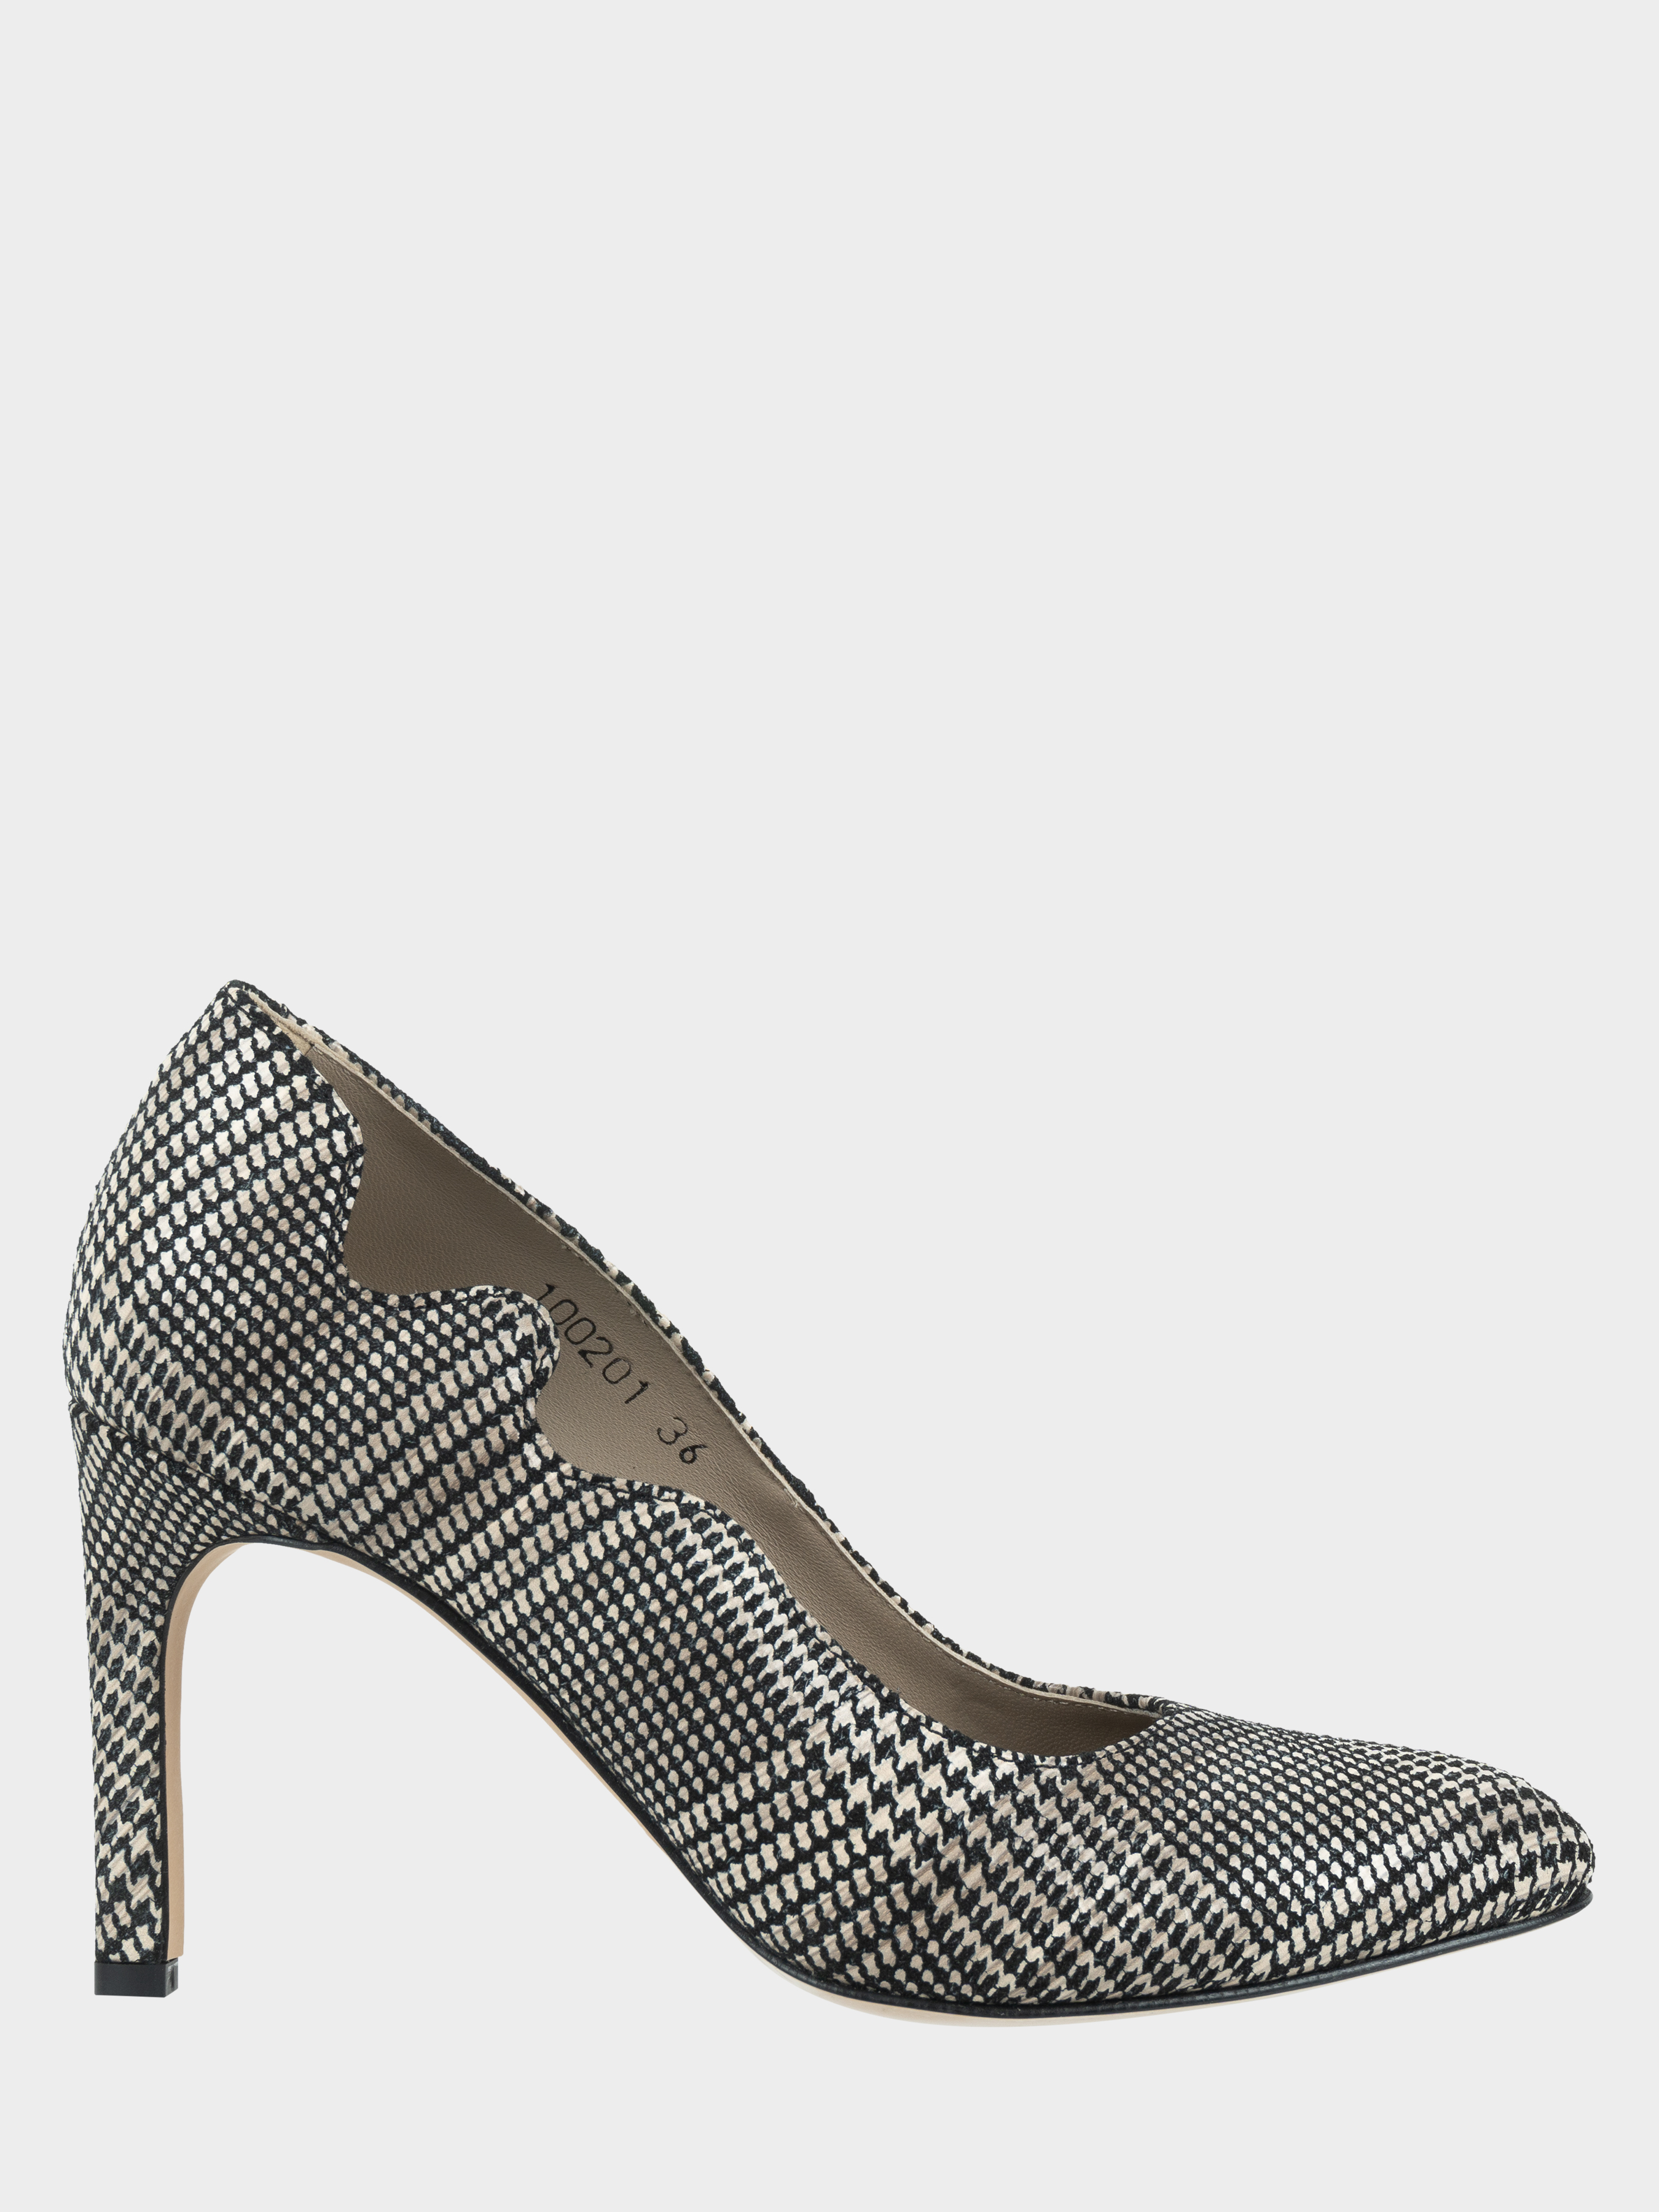 Туфли для женщин Лодочки Волна кожа в клеточку тонкий каблук 100201 обувь бренда, 2017